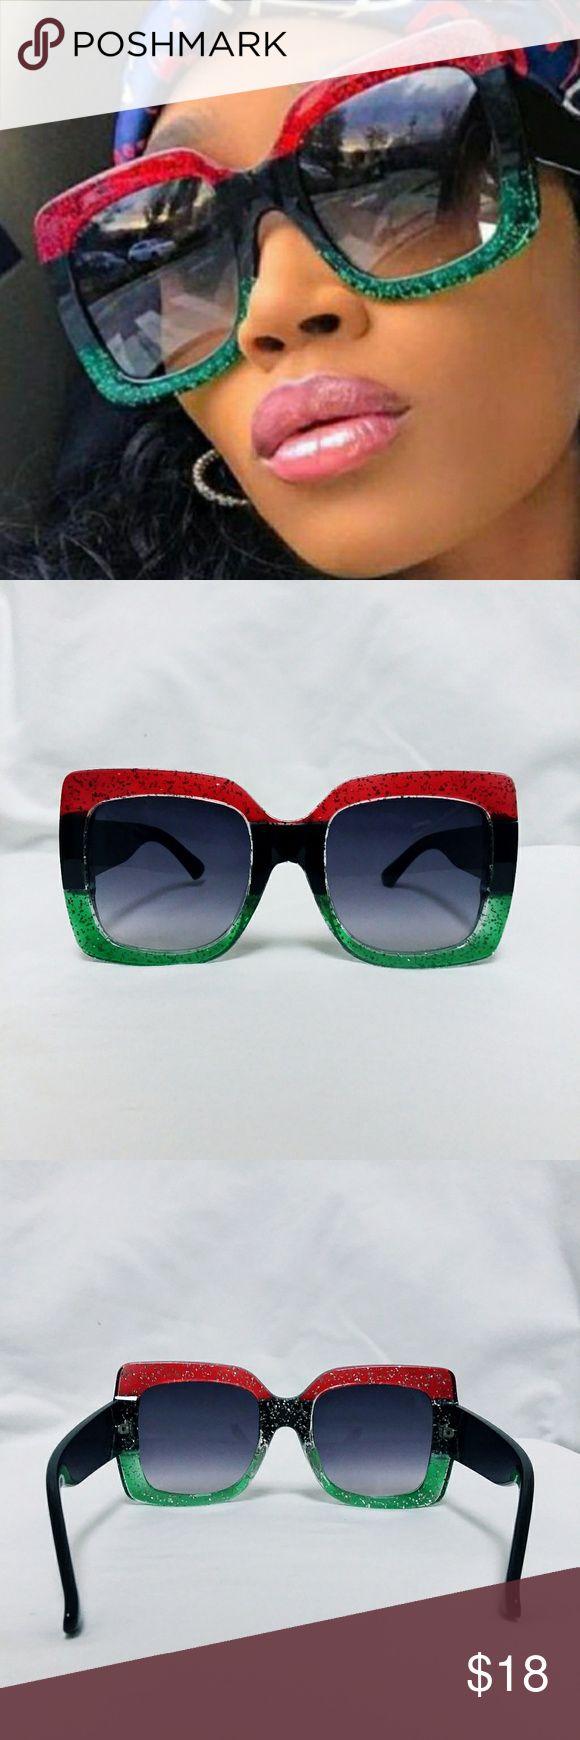 Restocked! Oversized Retro Fashion Sunglasses Back…